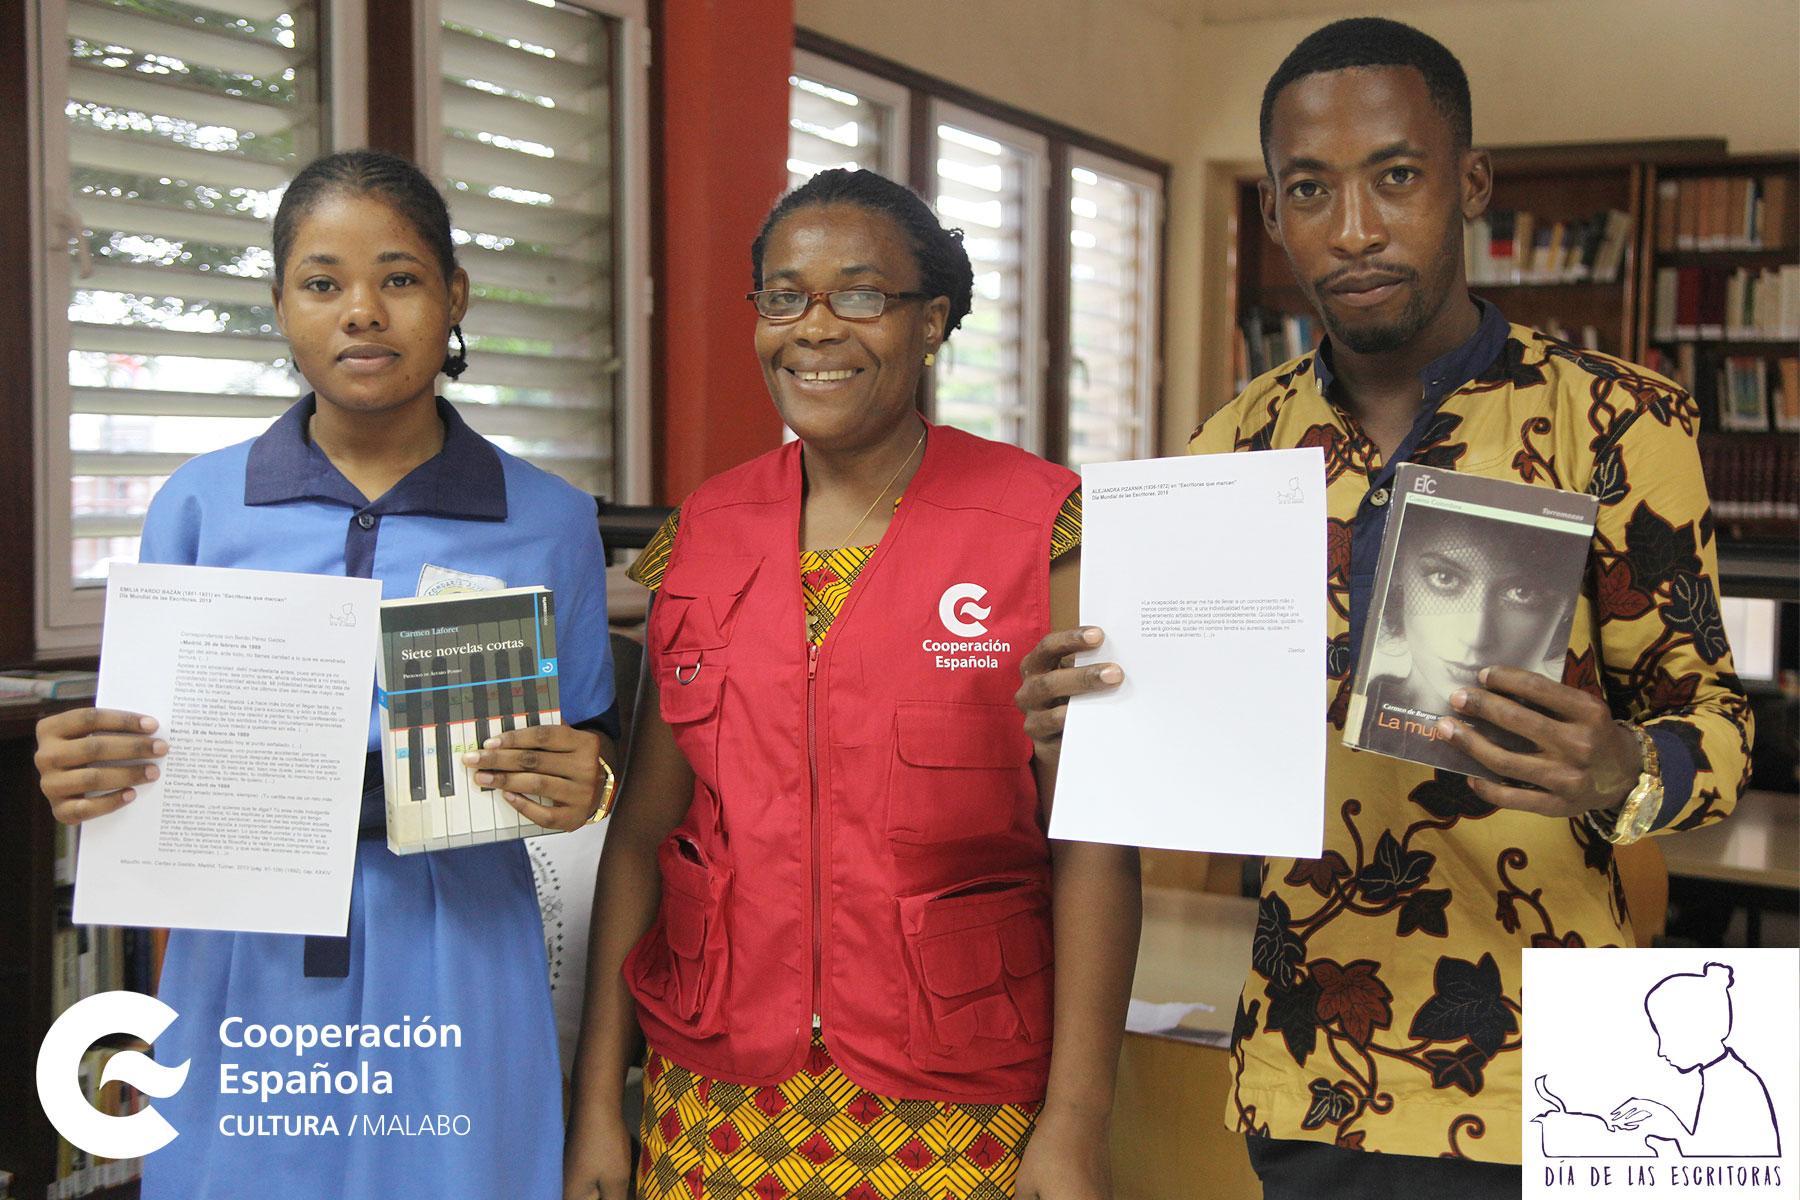 2019 Centro Cultural de España en Malabo (Guinea Ecuatorial)